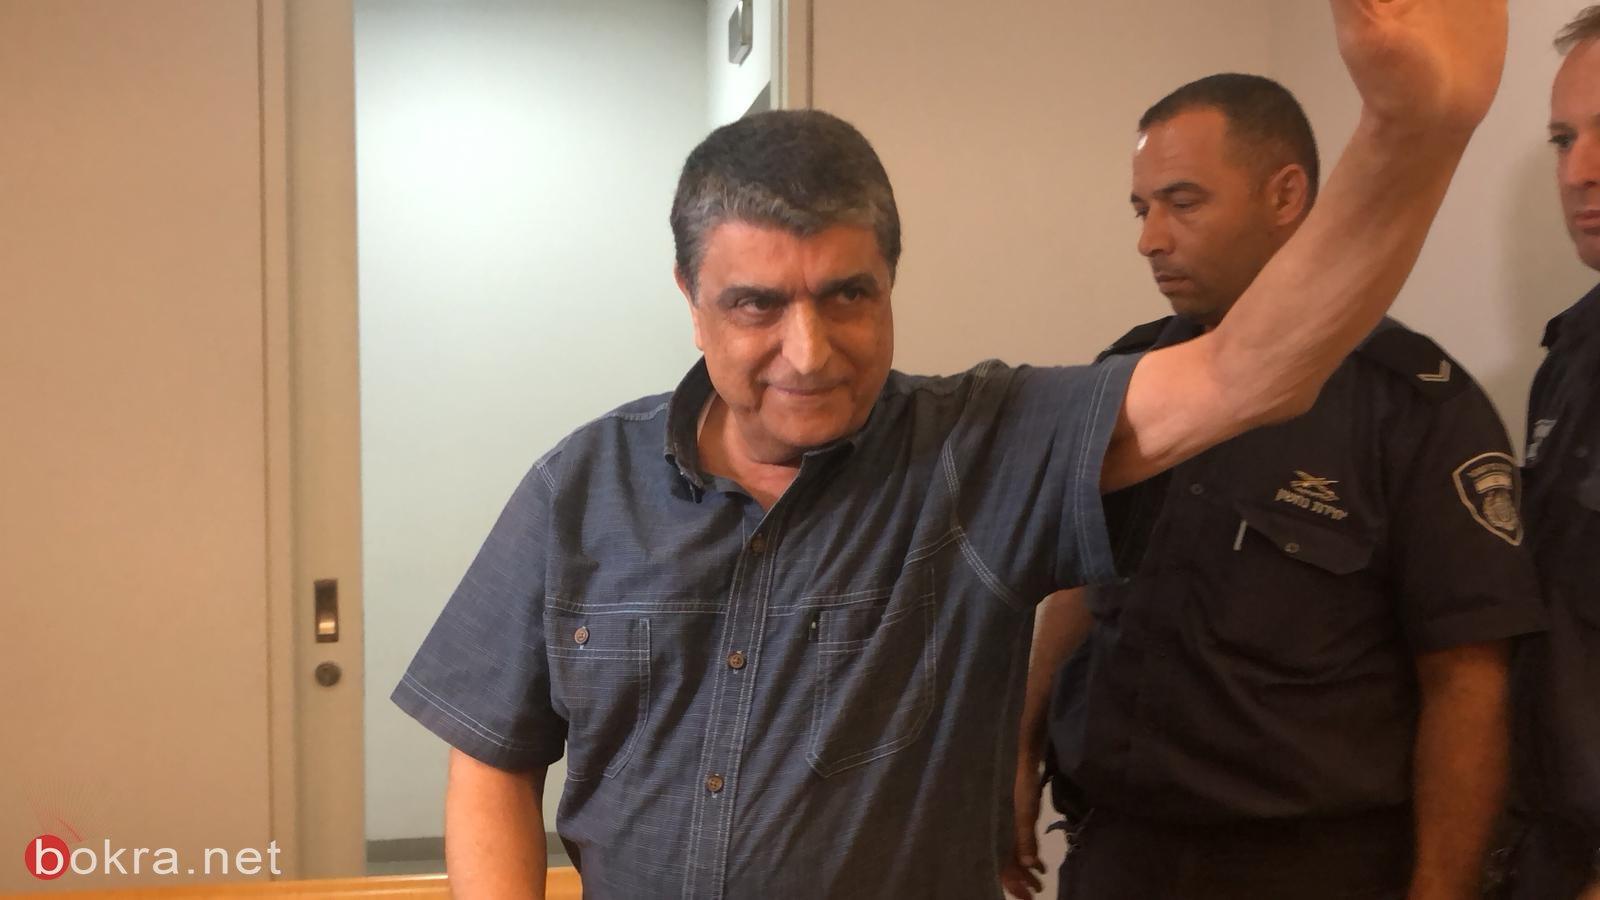 بدء جلسة مناقشة لائحة الاتهام للقيادي رجا اغبارية